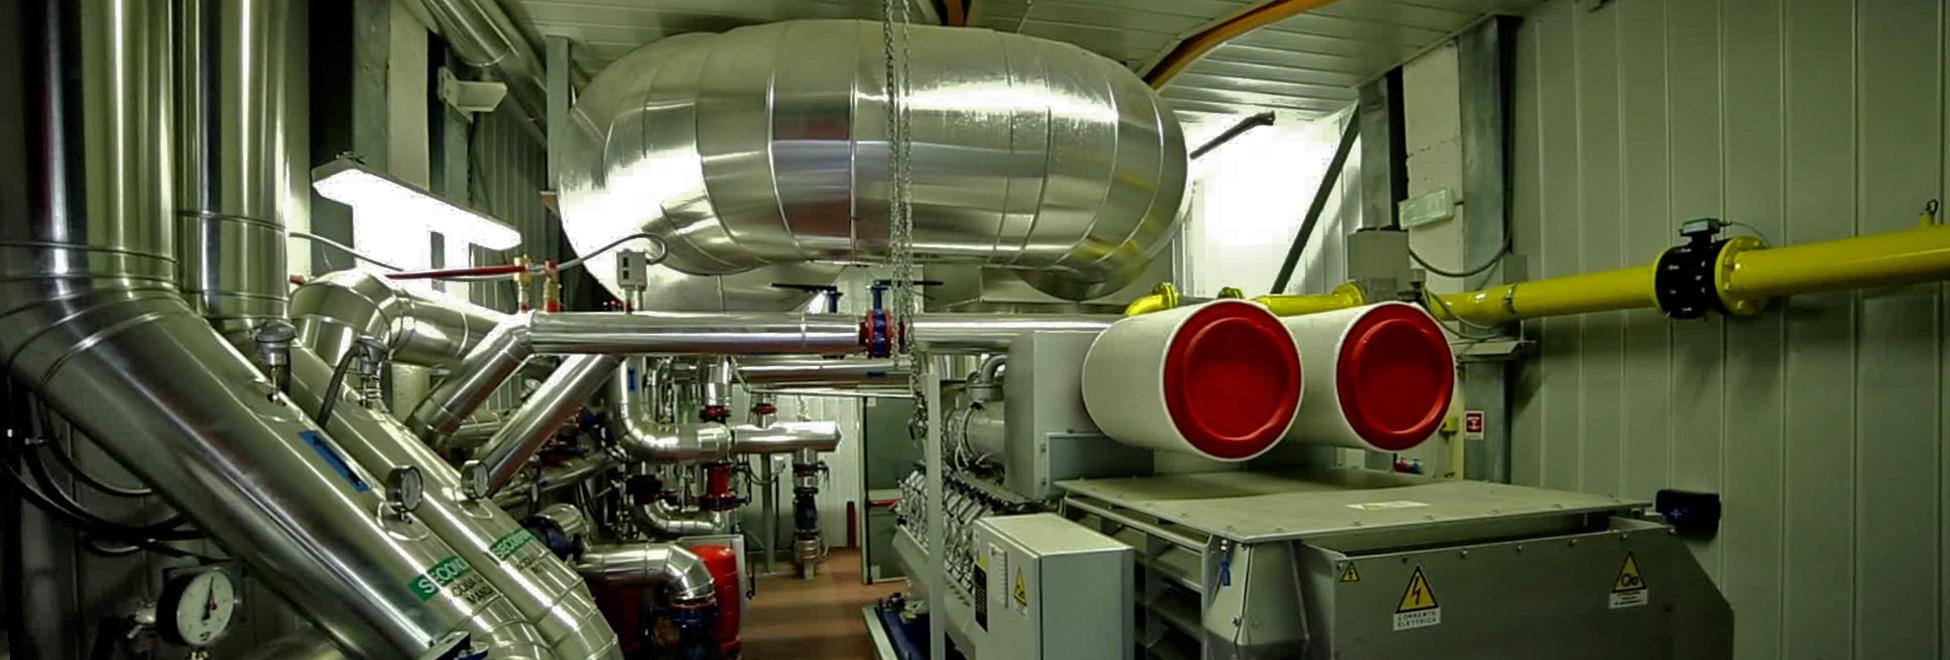 Realizziamo impianti per la produzione combinata di energia termica, frigorifera ed elettrica curandone: Progettazione, Costruzione, Manutenzione, Conduzione